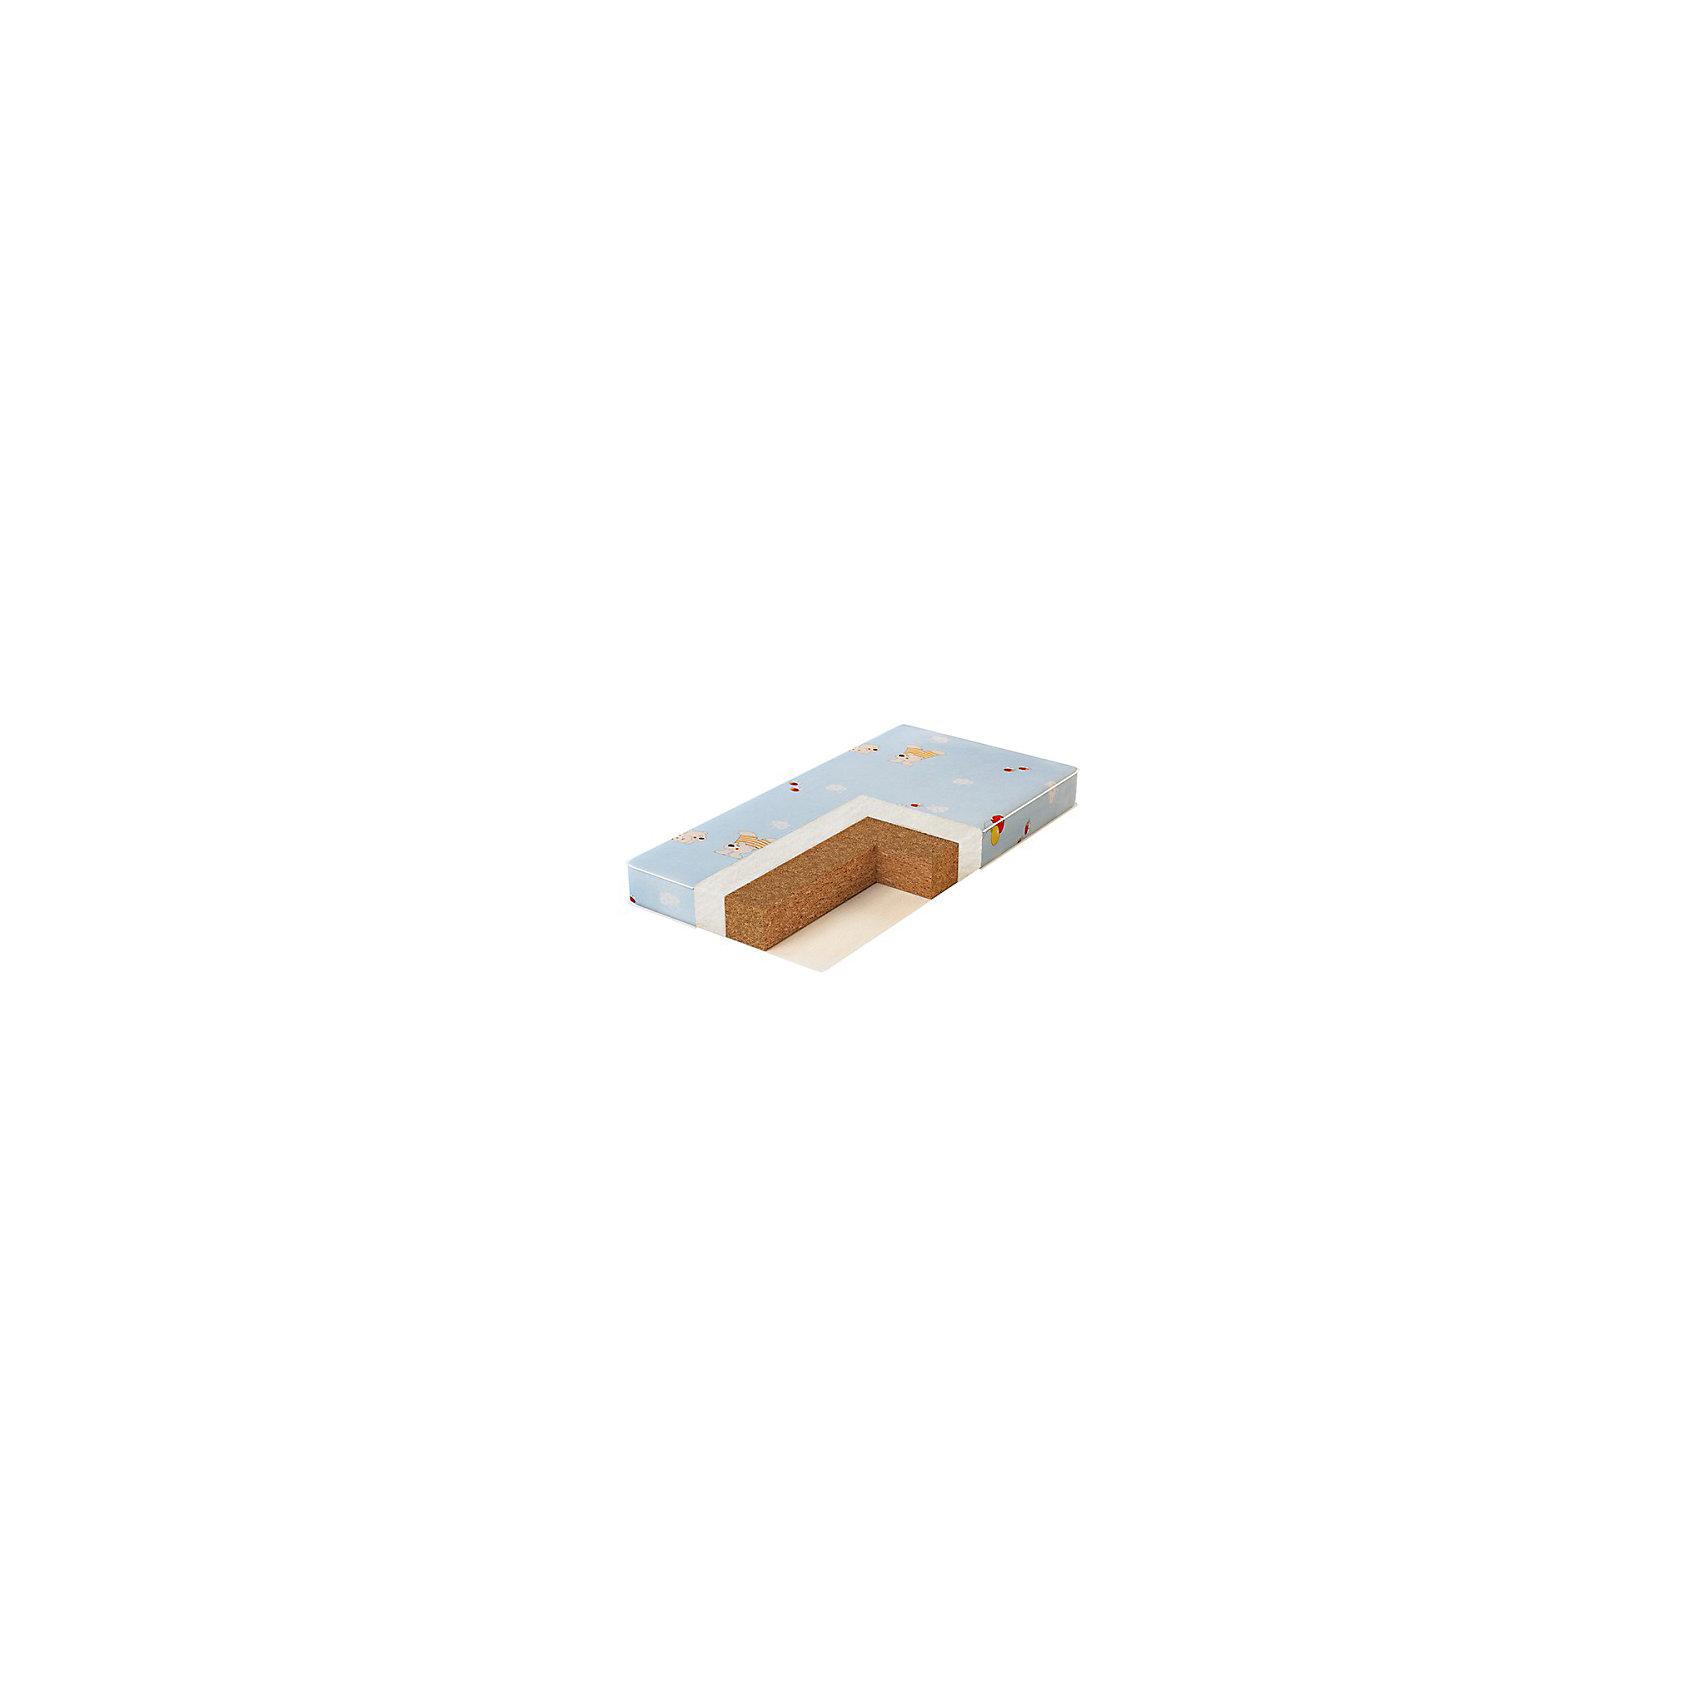 Матрац Ю-119-11 Юниор, Plantex, 1190х600х110 ммМатрасы<br>Юниор, Plantex,  - детский двухсторонний матрас со средней степенью жесткости.  Изготовлен из кокосовой койры, обладающей прочностью, долговечностью и эластичностью, также она абсолютно гипоаллергенна, воздухопроницаема и влагоустойчива и обеспечивает правильное развитие позвоночника малыша. Настилочный материал Airotek экологически чистый и гипоаллергенный. Съемный чехол на молнии – бязь, 100% хлопок. . Все материалы высокого качества, с ними вы сможете подарить ребенку комфортный и безопасный сон.<br>Особенности и преимущества:<br>-гипоаллергенный, долговечный материал,<br>-матрас можно использовать с рождения<br>-позволяет сформировать правильную осанку у малыша<br>-легко чистить<br>Материалы: кокосовая койра, хлопок, airotek<br>Размеры: 119x60x11 см<br>Вес: 3 кг<br>Вы можете приобрести матрас «Юниор» в нашем интернет-магазине.<br><br>Ширина мм: 1190<br>Глубина мм: 600<br>Высота мм: 110<br>Вес г: 3000<br>Возраст от месяцев: 0<br>Возраст до месяцев: 36<br>Пол: Унисекс<br>Возраст: Детский<br>SKU: 4905323